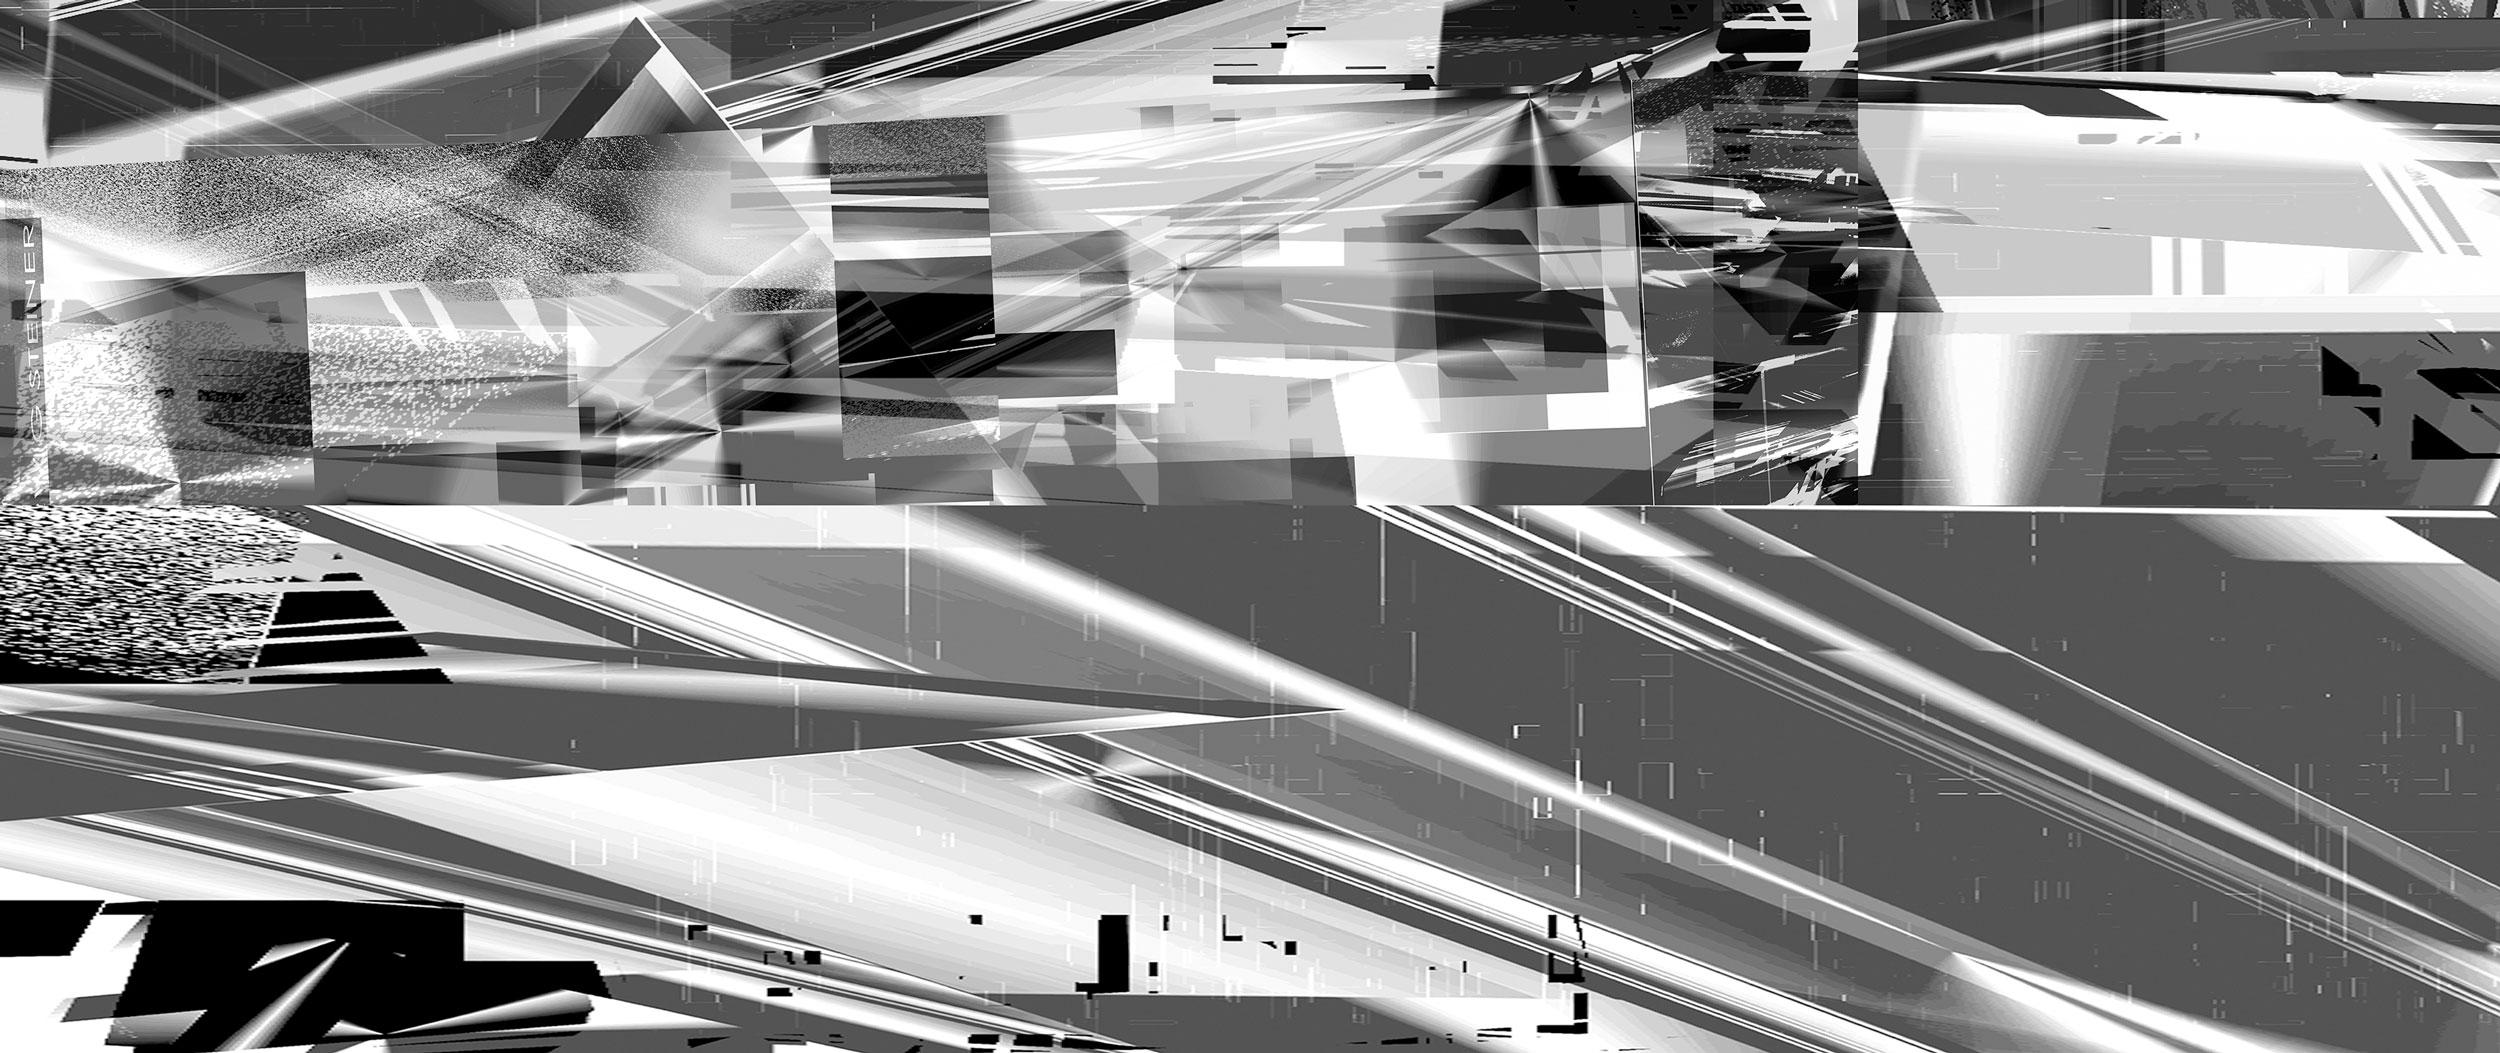 Herwig Steiner(1956L), Architektur, sp75, computergenerierte Zeichnung, 2013